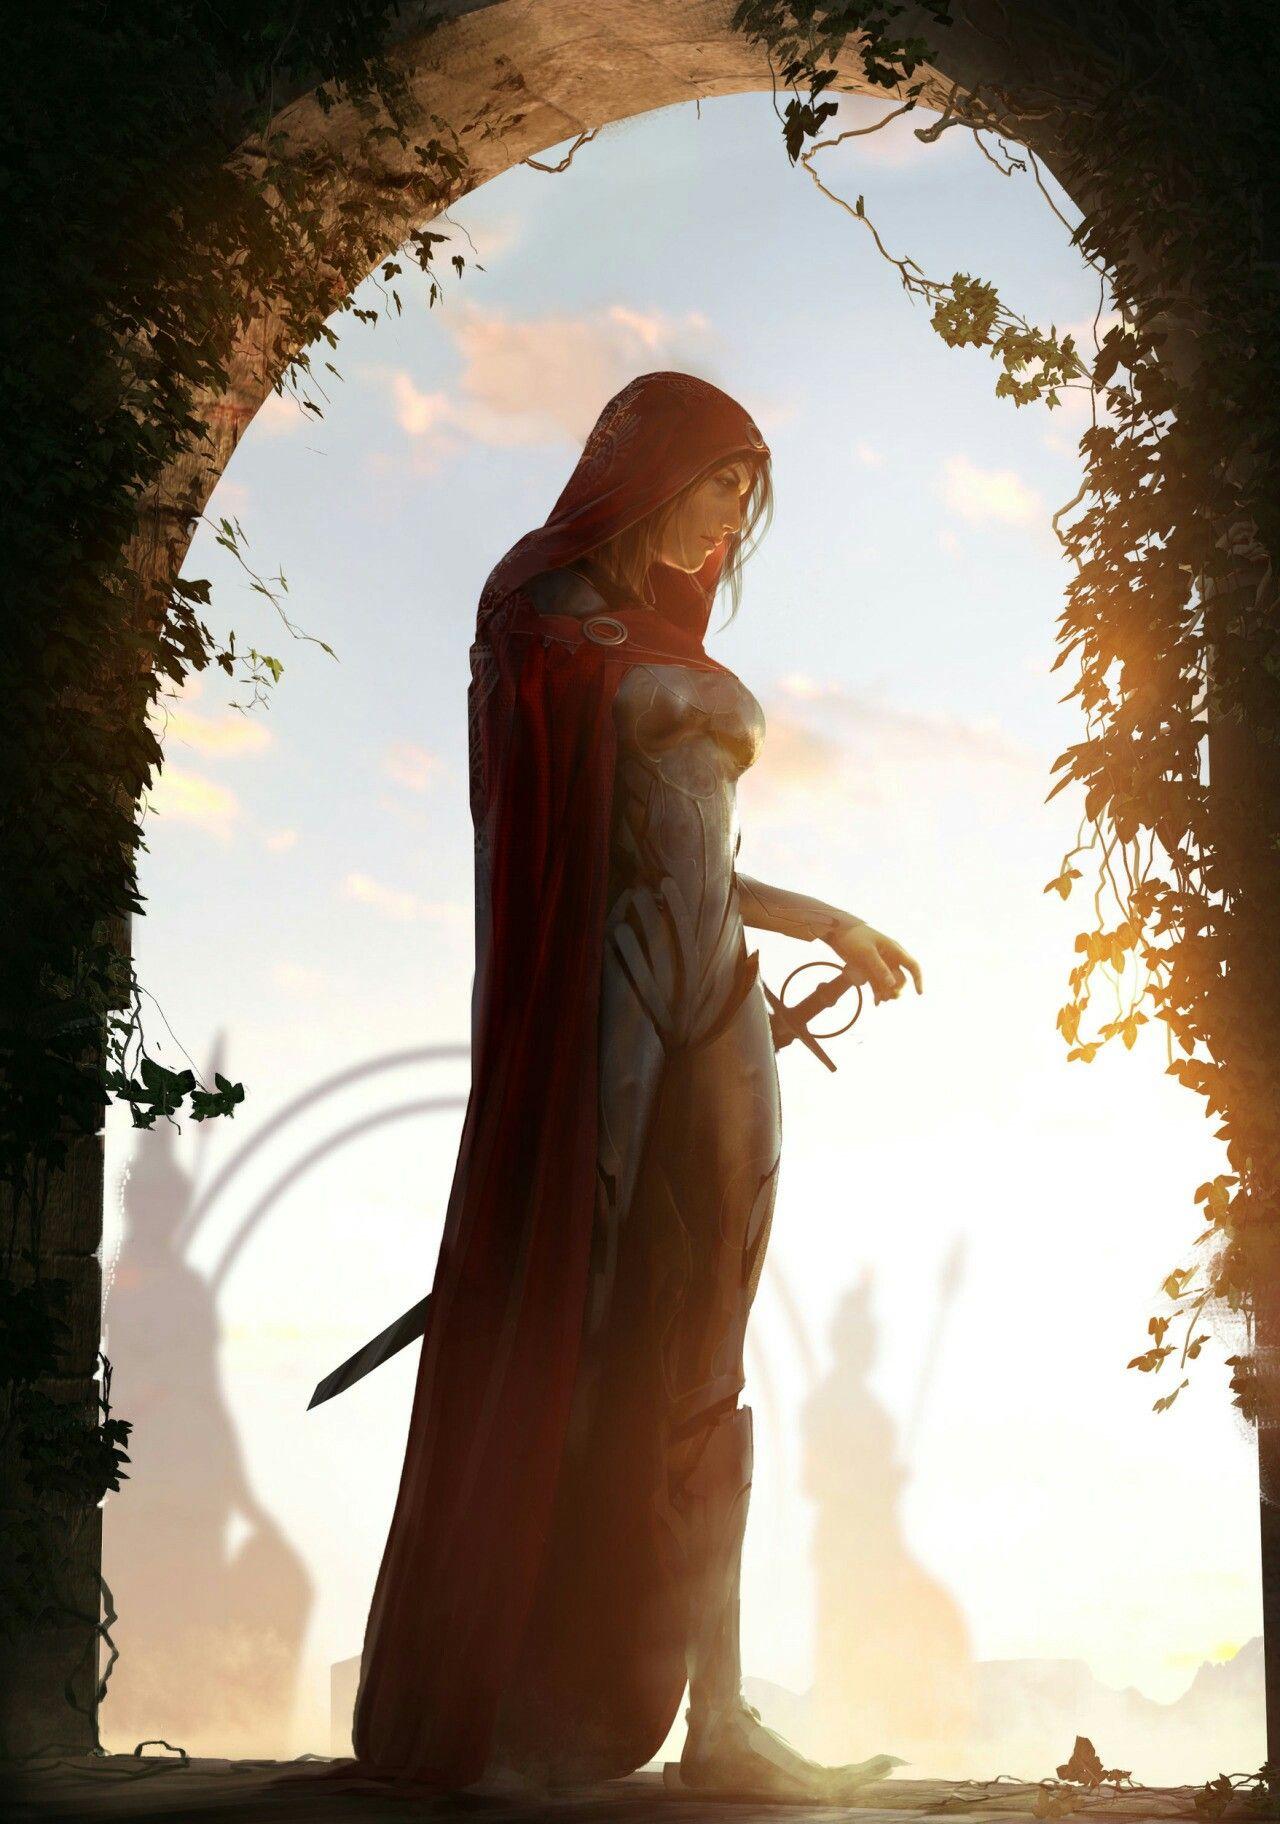 Morne, o primeiro templário mulher. Nós tempos iniciais do Império de Thivia, apenas homens carregavam armaduras. As mulheres, como era o costume, ficavam em sua casa cuidando daa crianças. Morne, foi a primeira mulher que negou esse destino. Desde pequena, ela ja era prodígio em várias artes. Mas sua favorita, era uma espada dada pelo seu avô, que por falta de netos homens, acabou treinando ela.